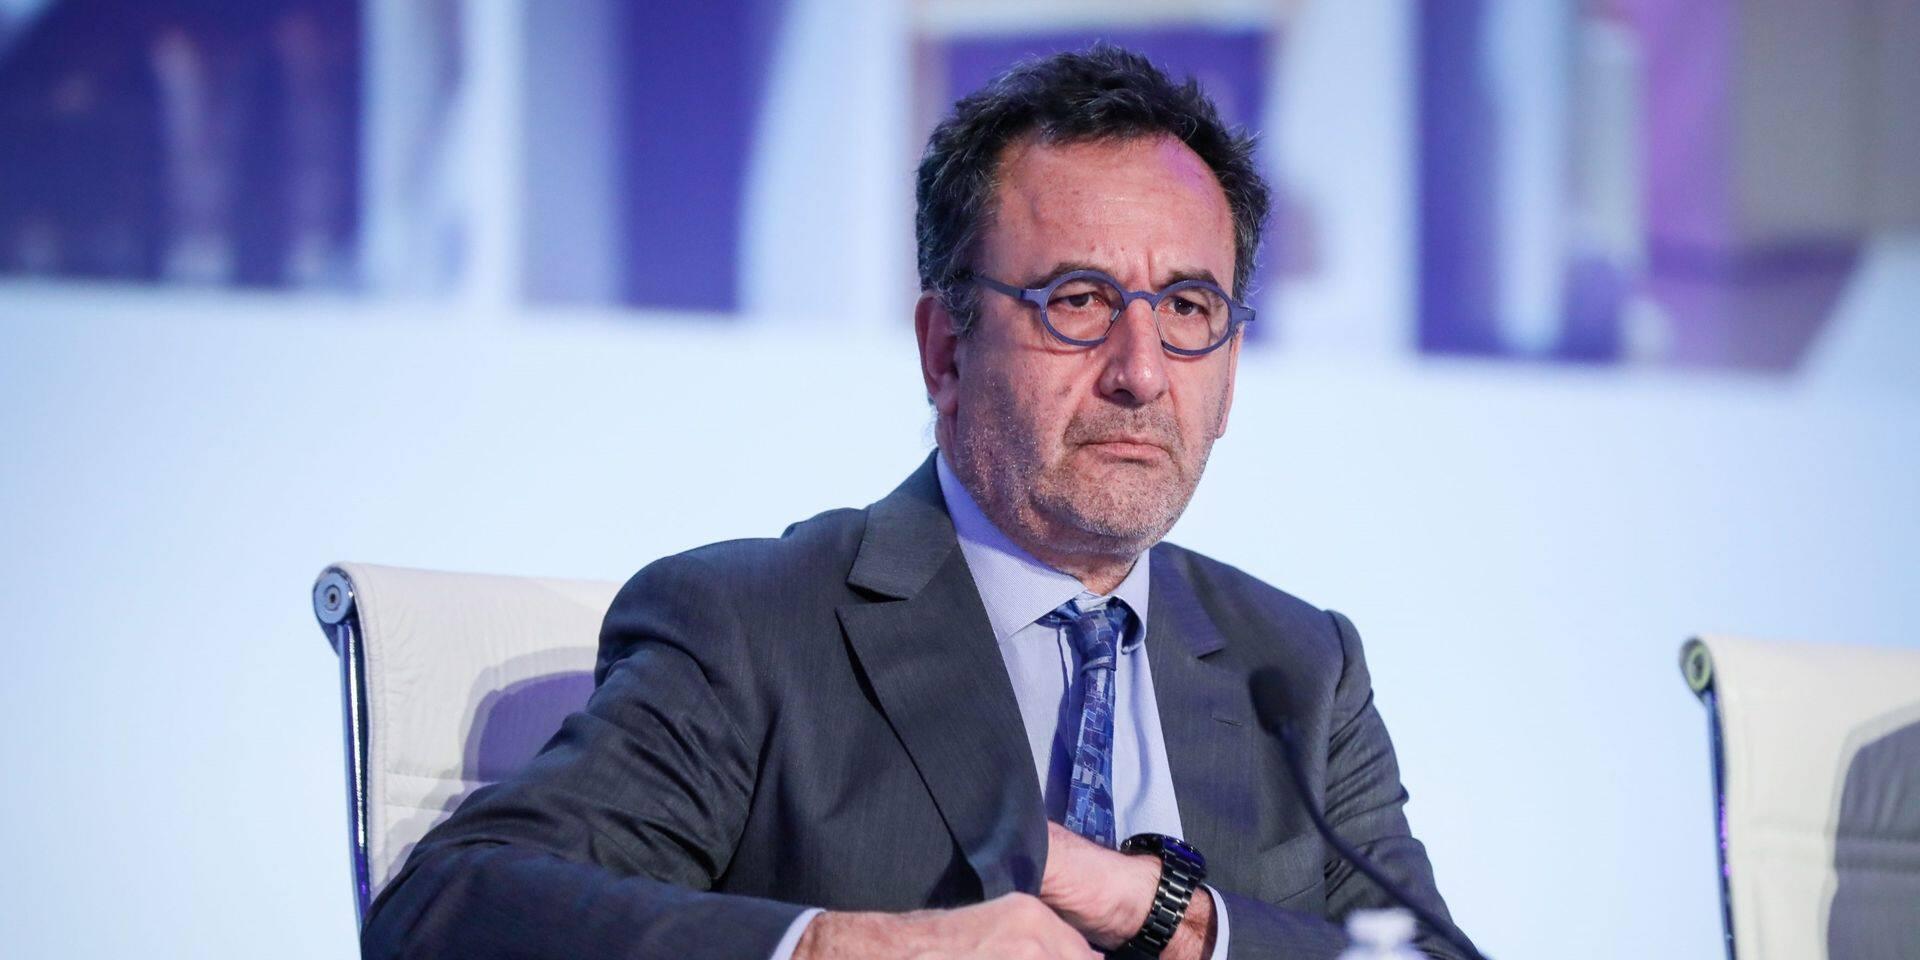 Le PDG d'Hachette Livre, Arnaud Nourry, démis de ses fonctions par son actionnaire Arnaud Lagardère